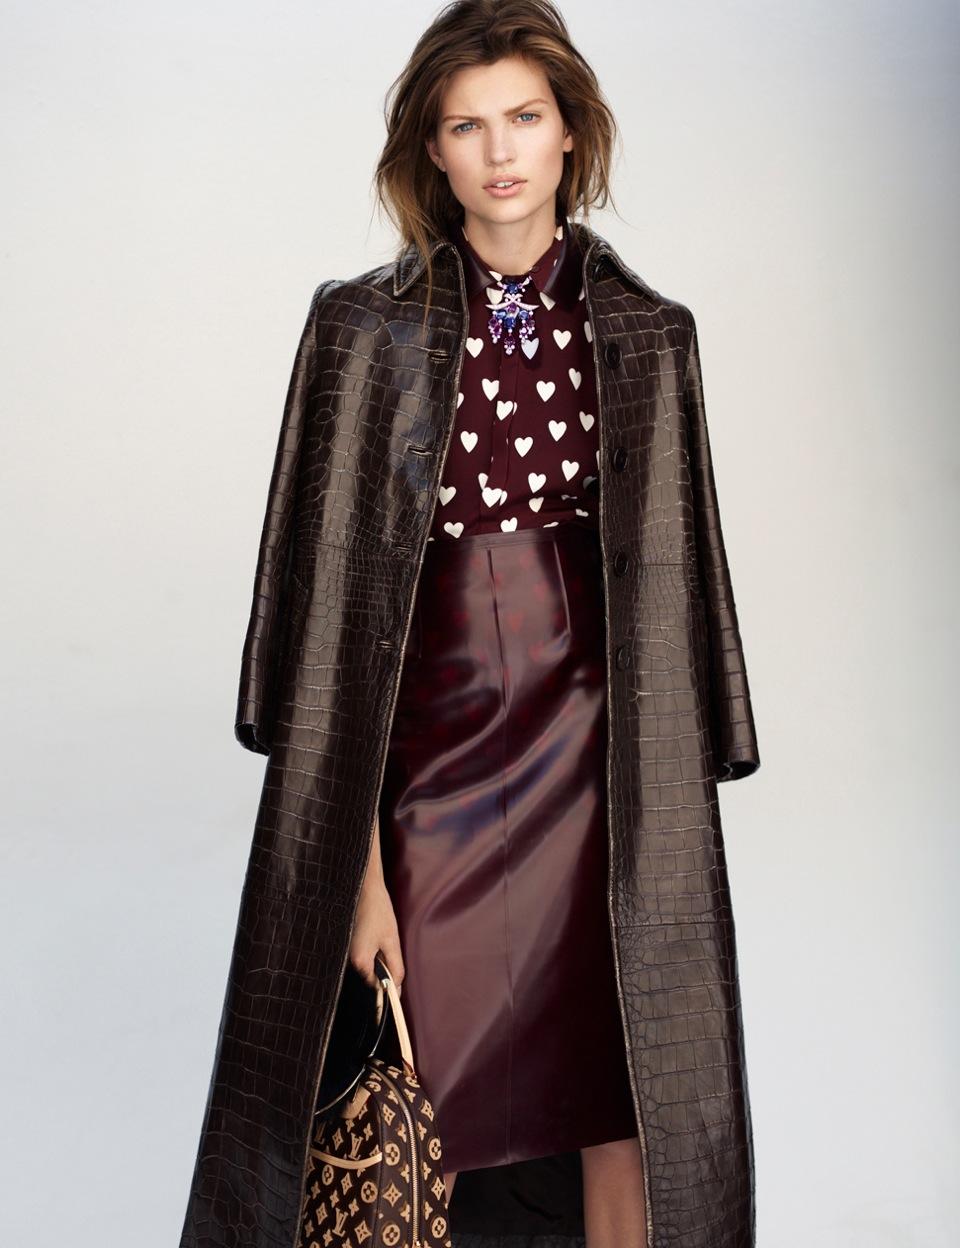 Bette Franke Models Fall Looks in Thomas Whiteside's Elle France Shoot